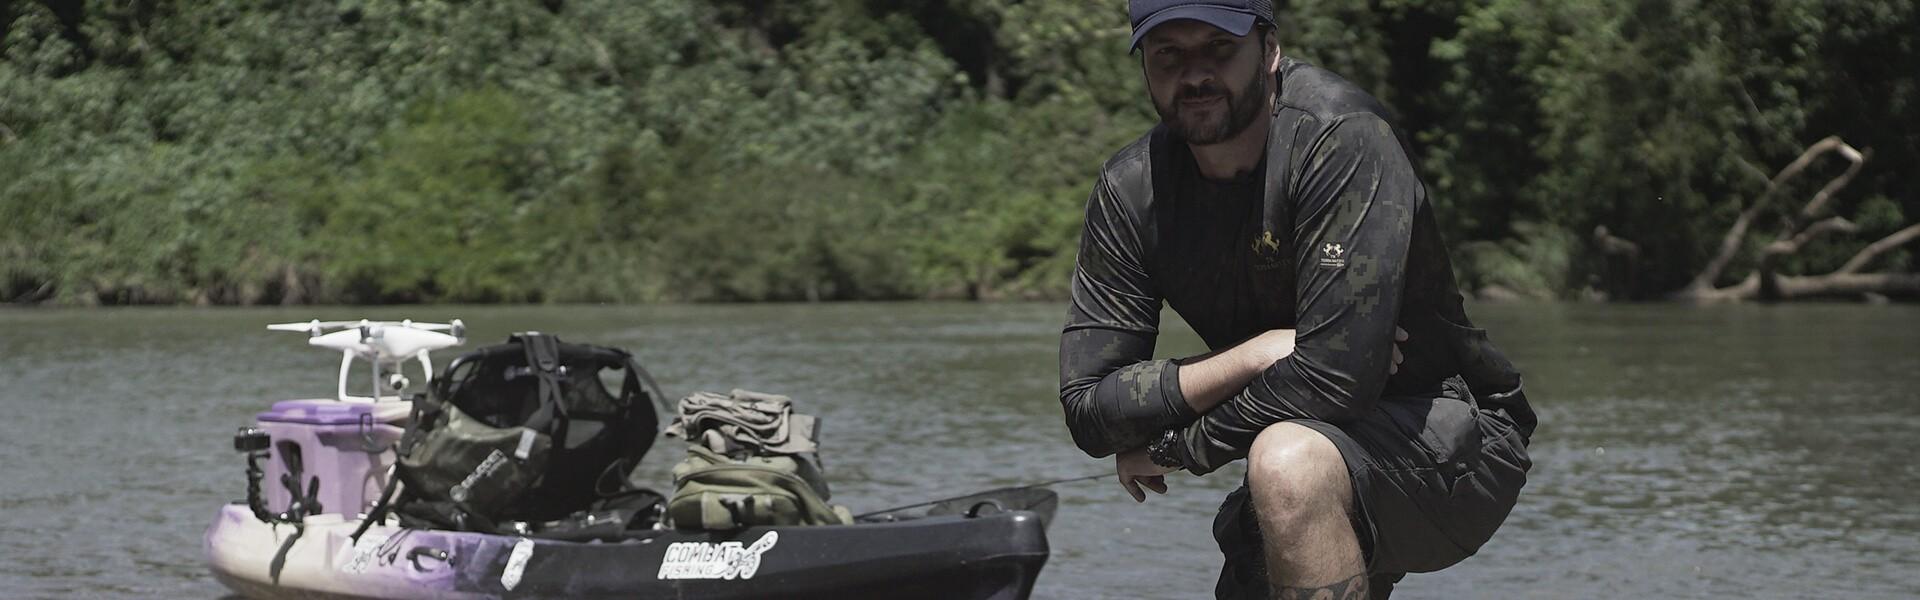 Pesca de caiaque está crescendo no Brasil